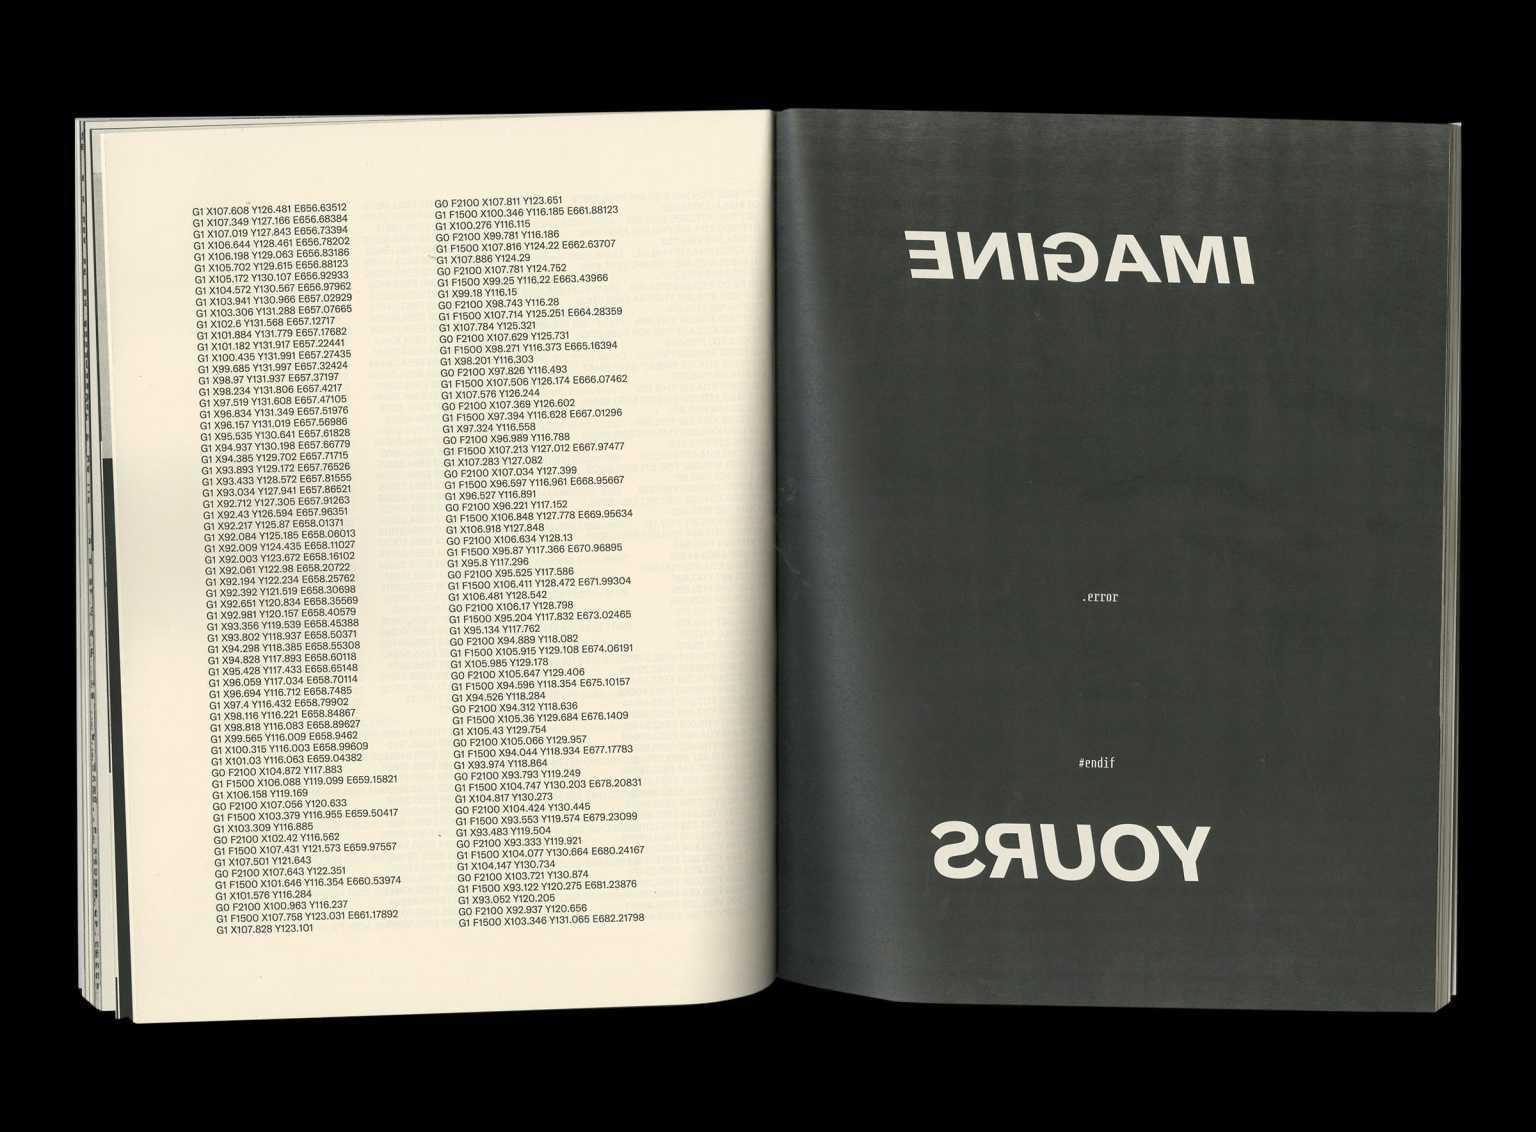 Consumer Catalog, Perhapstechnobuyproduct, 2018